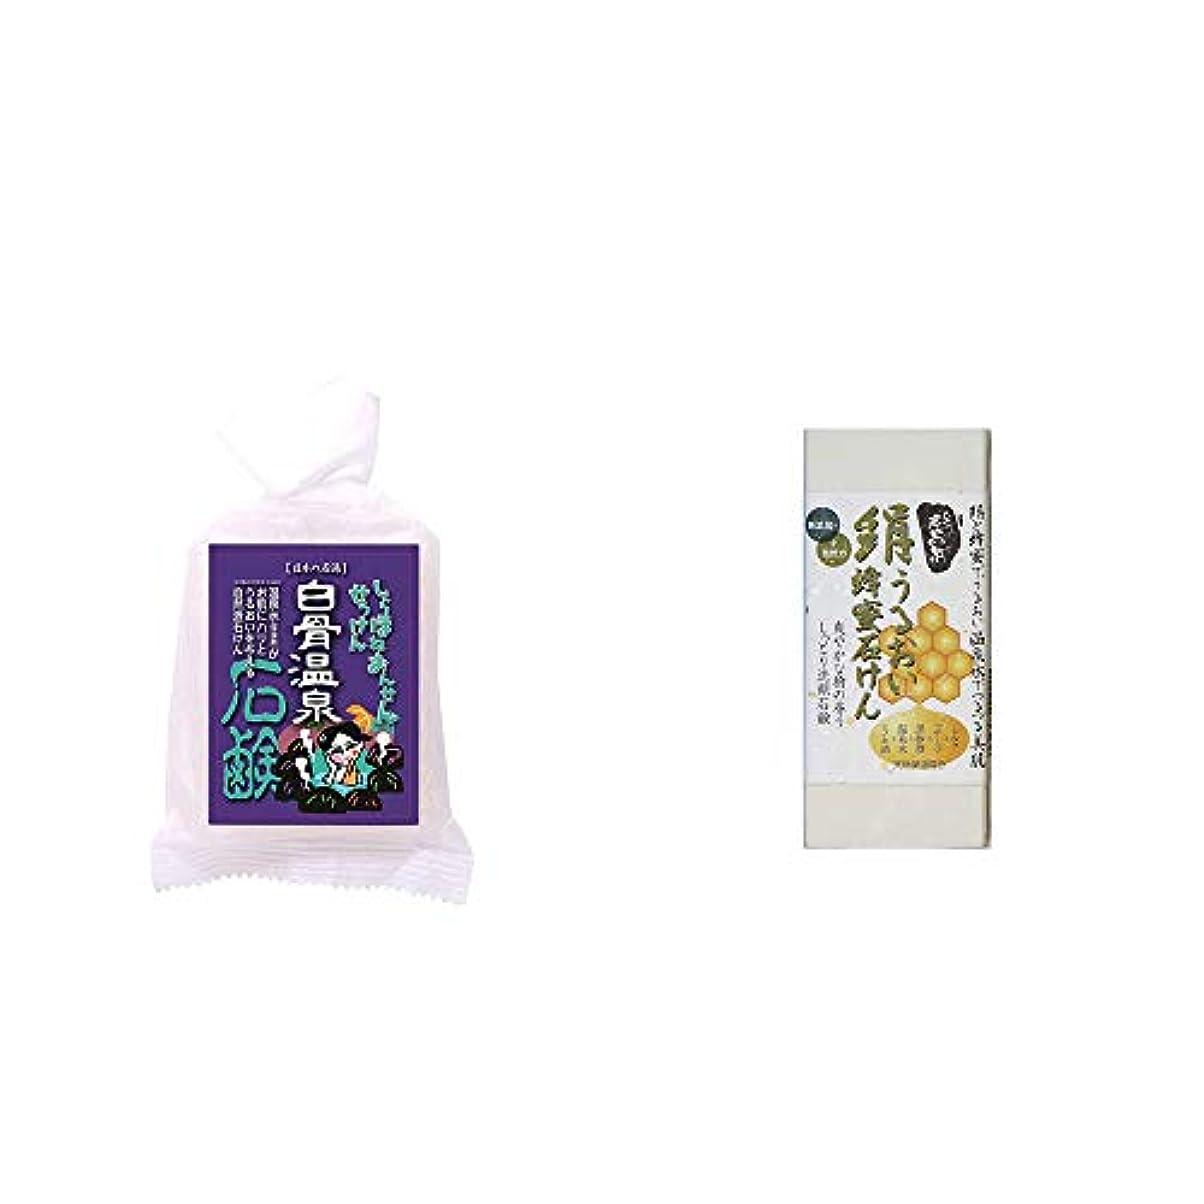 ペースト繰り返すアーサー[2点セット] 信州 白骨温泉石鹸(80g)?ひのき炭黒泉 絹うるおい蜂蜜石けん(75g×2)